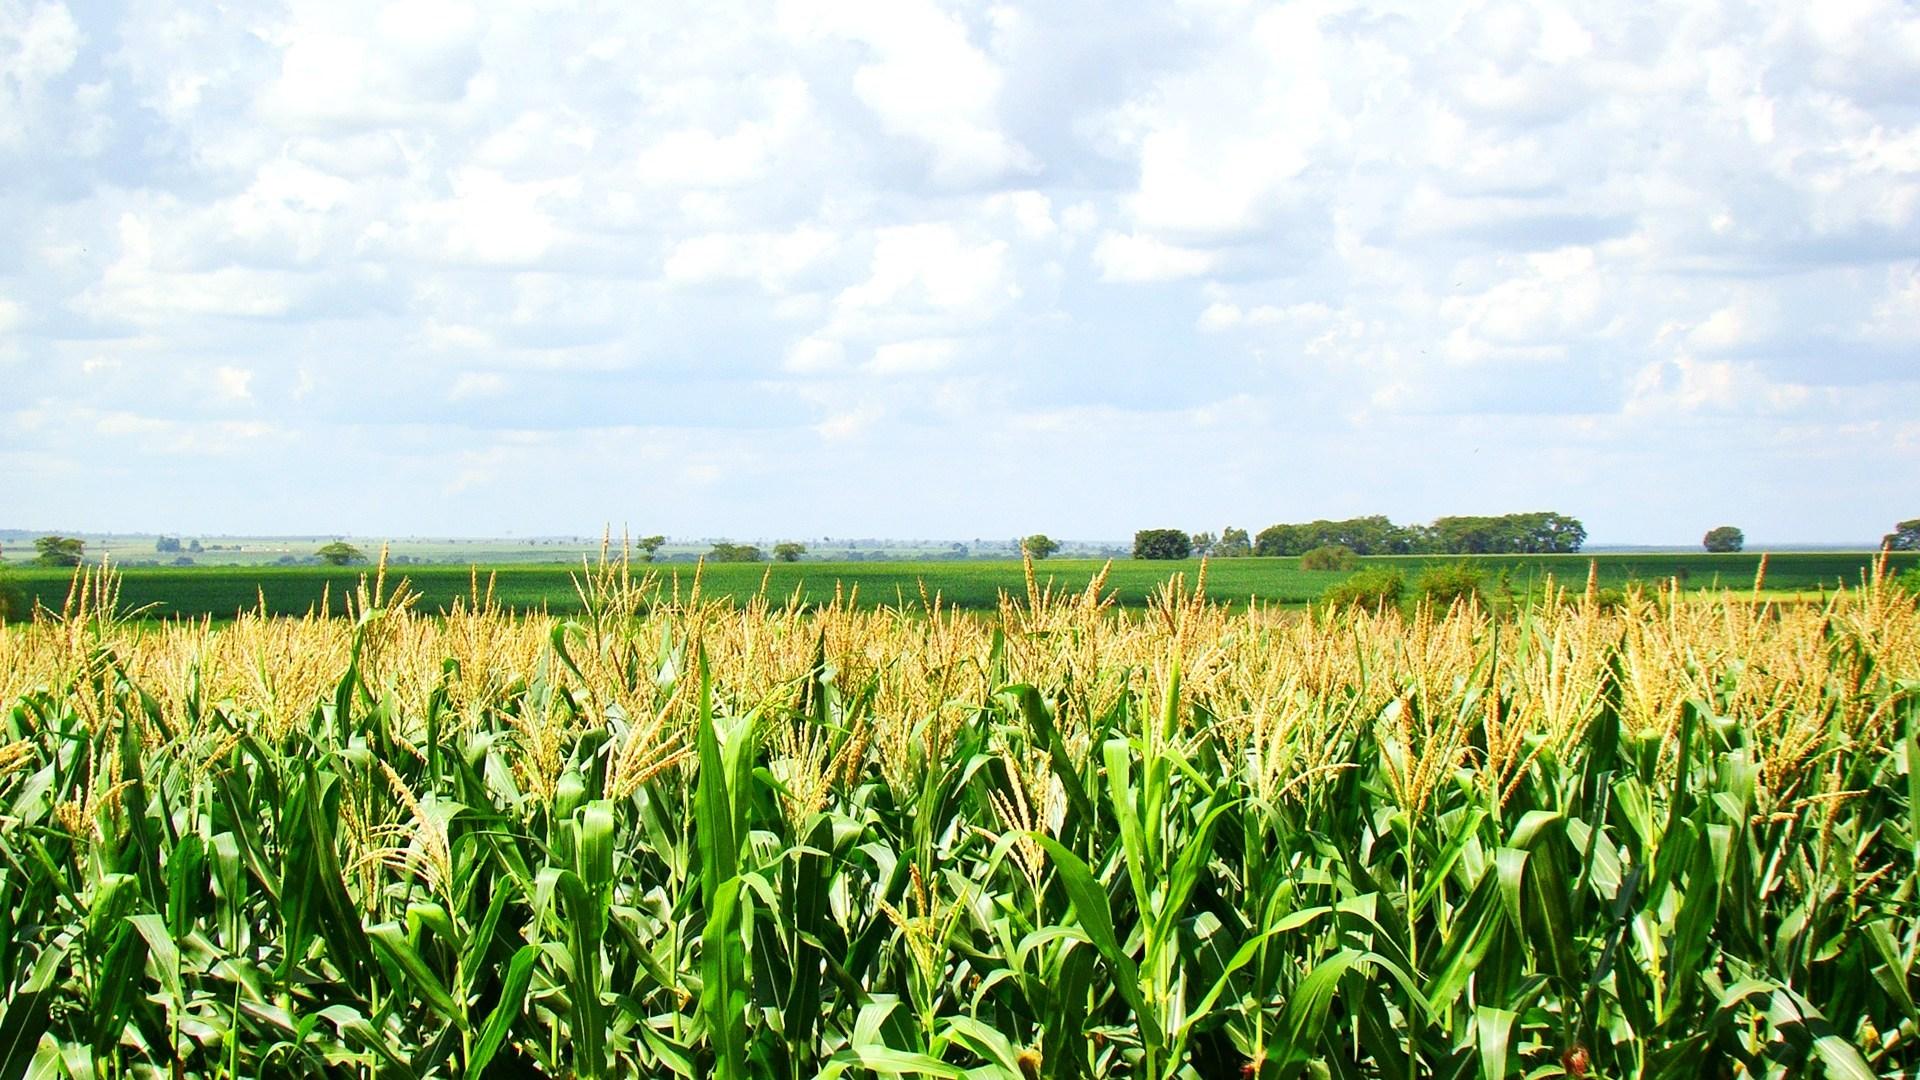 Proposta de taxação das commodities desperta reação no agronegócio